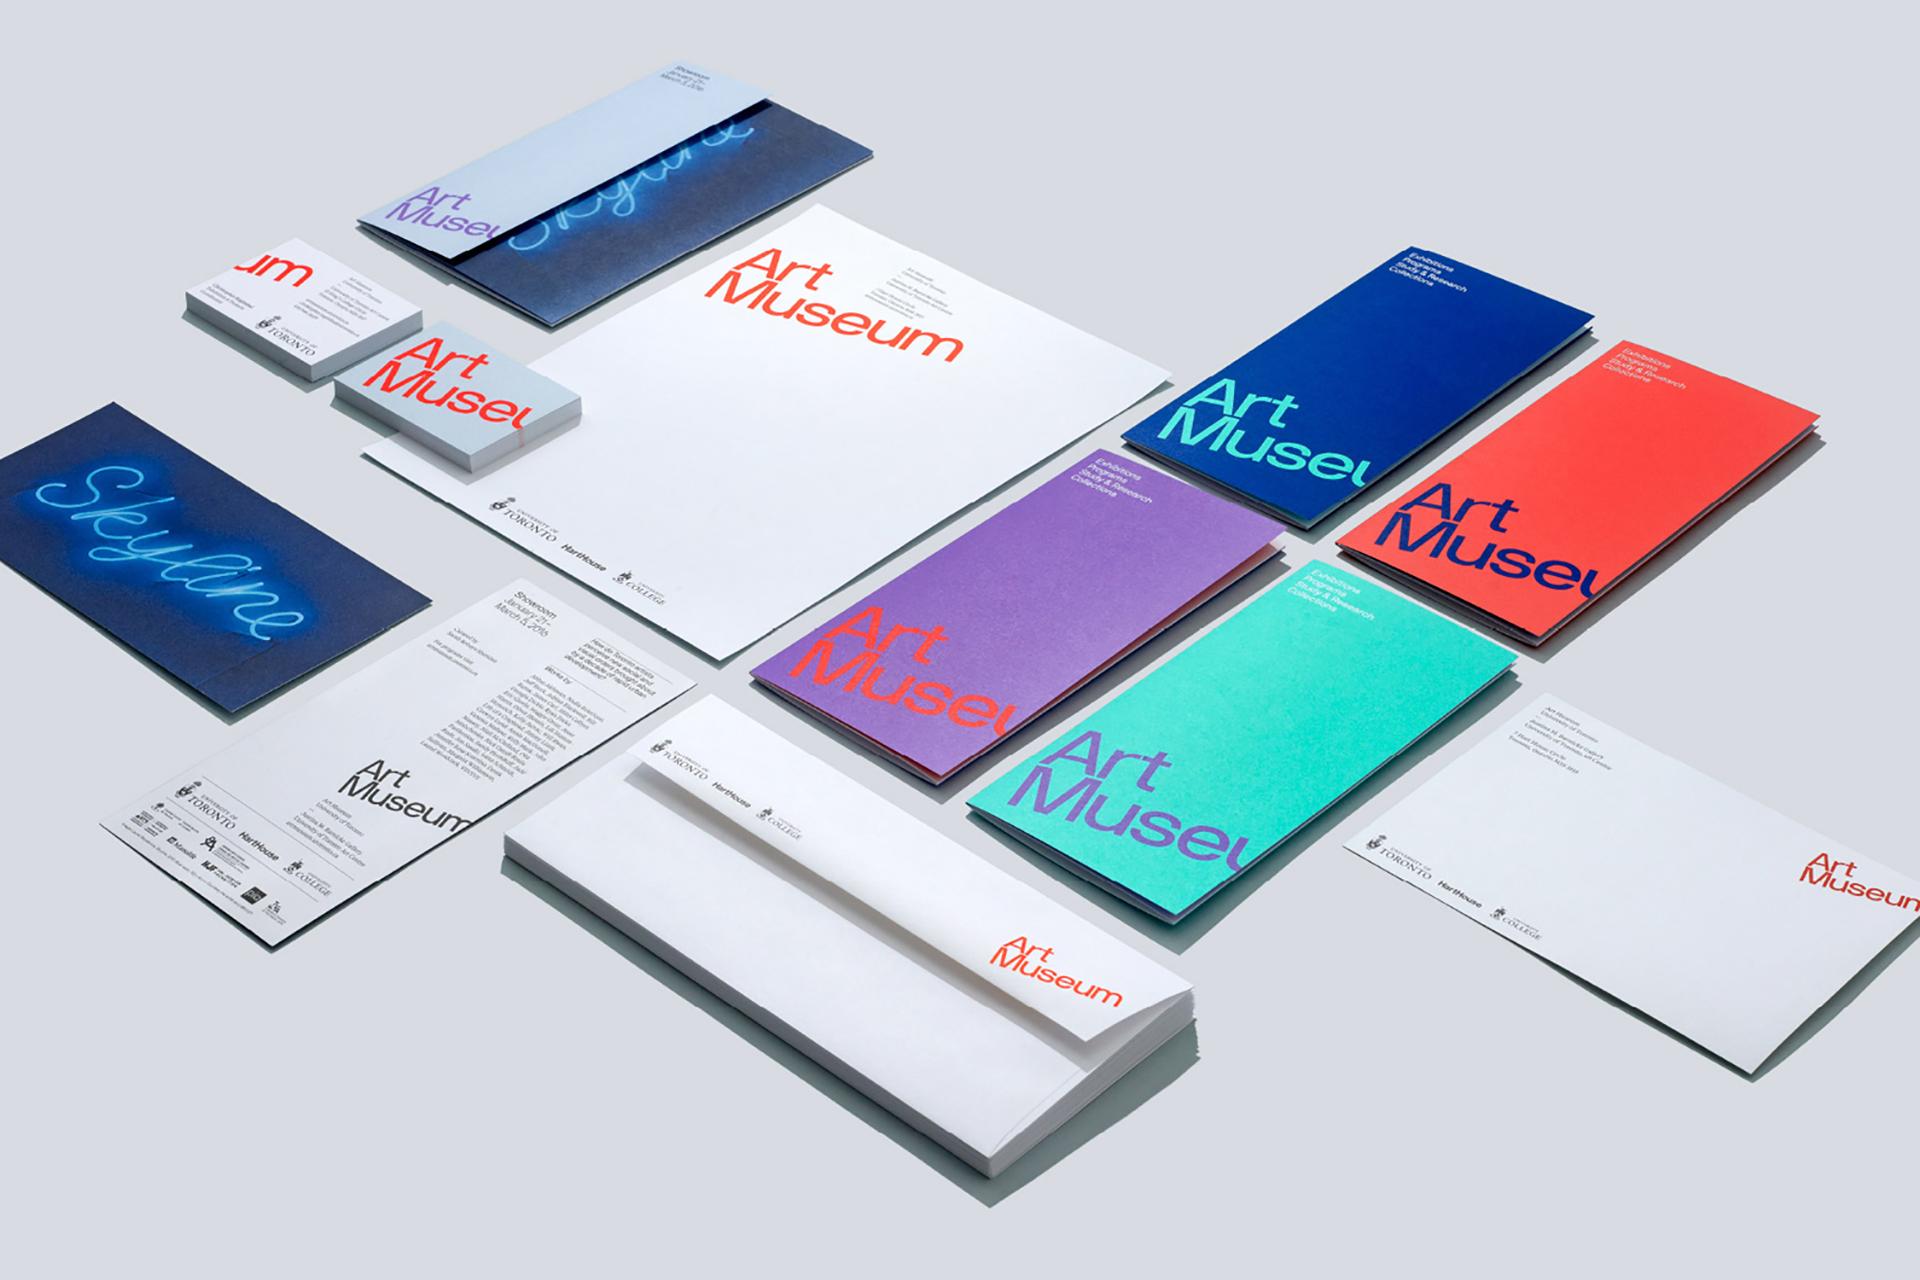 Разработка дизайна с использованием высококонтрастных цветовых сочетаний